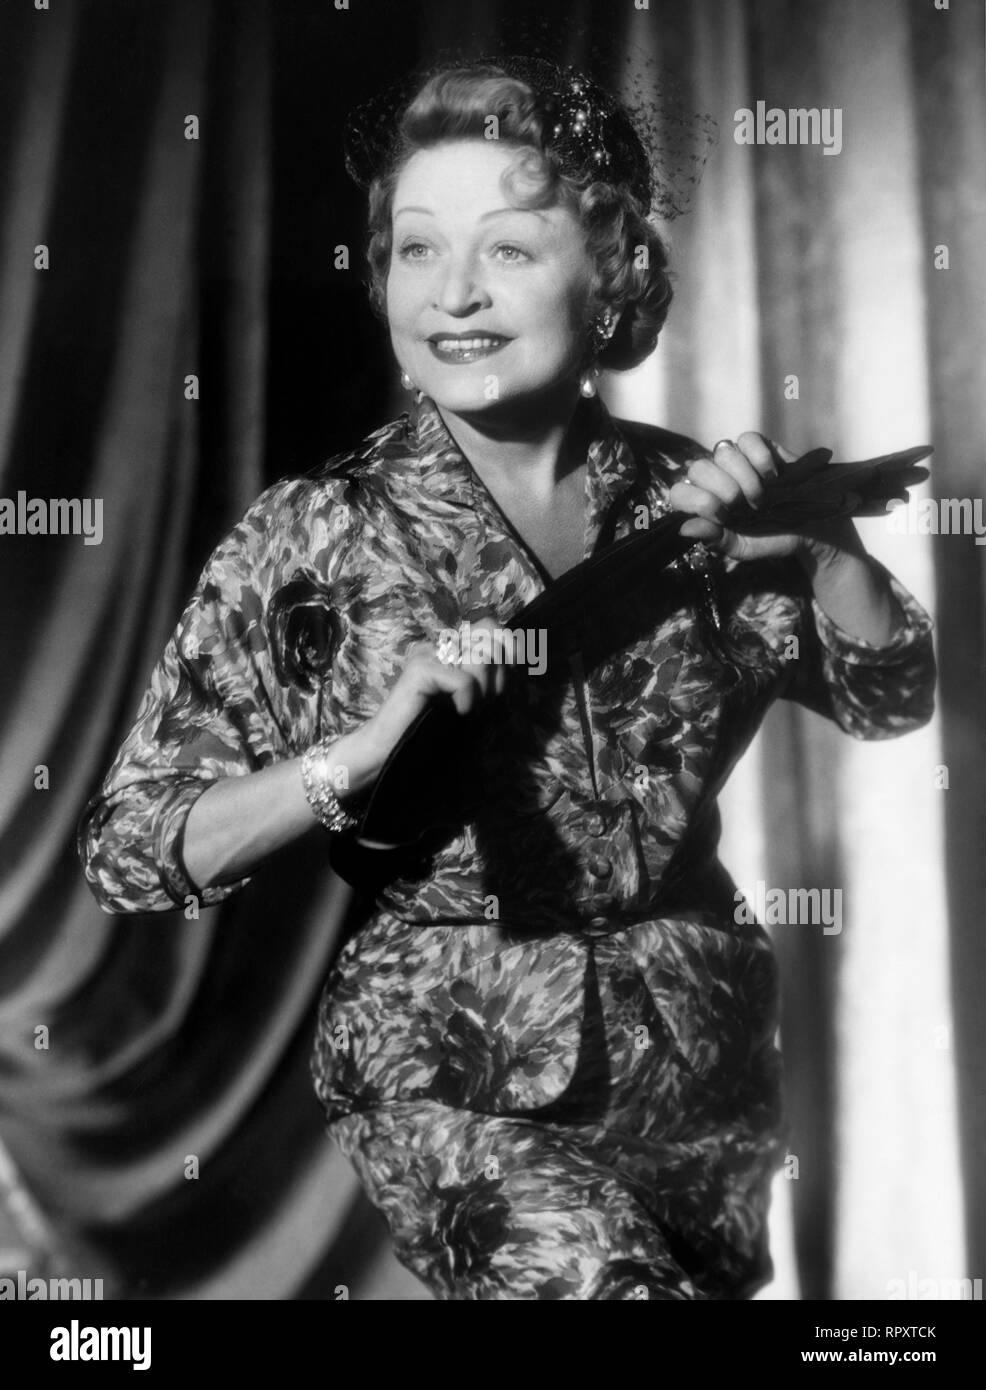 GRETHE WEISER, Studioaufnahme aus den 1950er Jahren. ca. 1956 - Stock Image